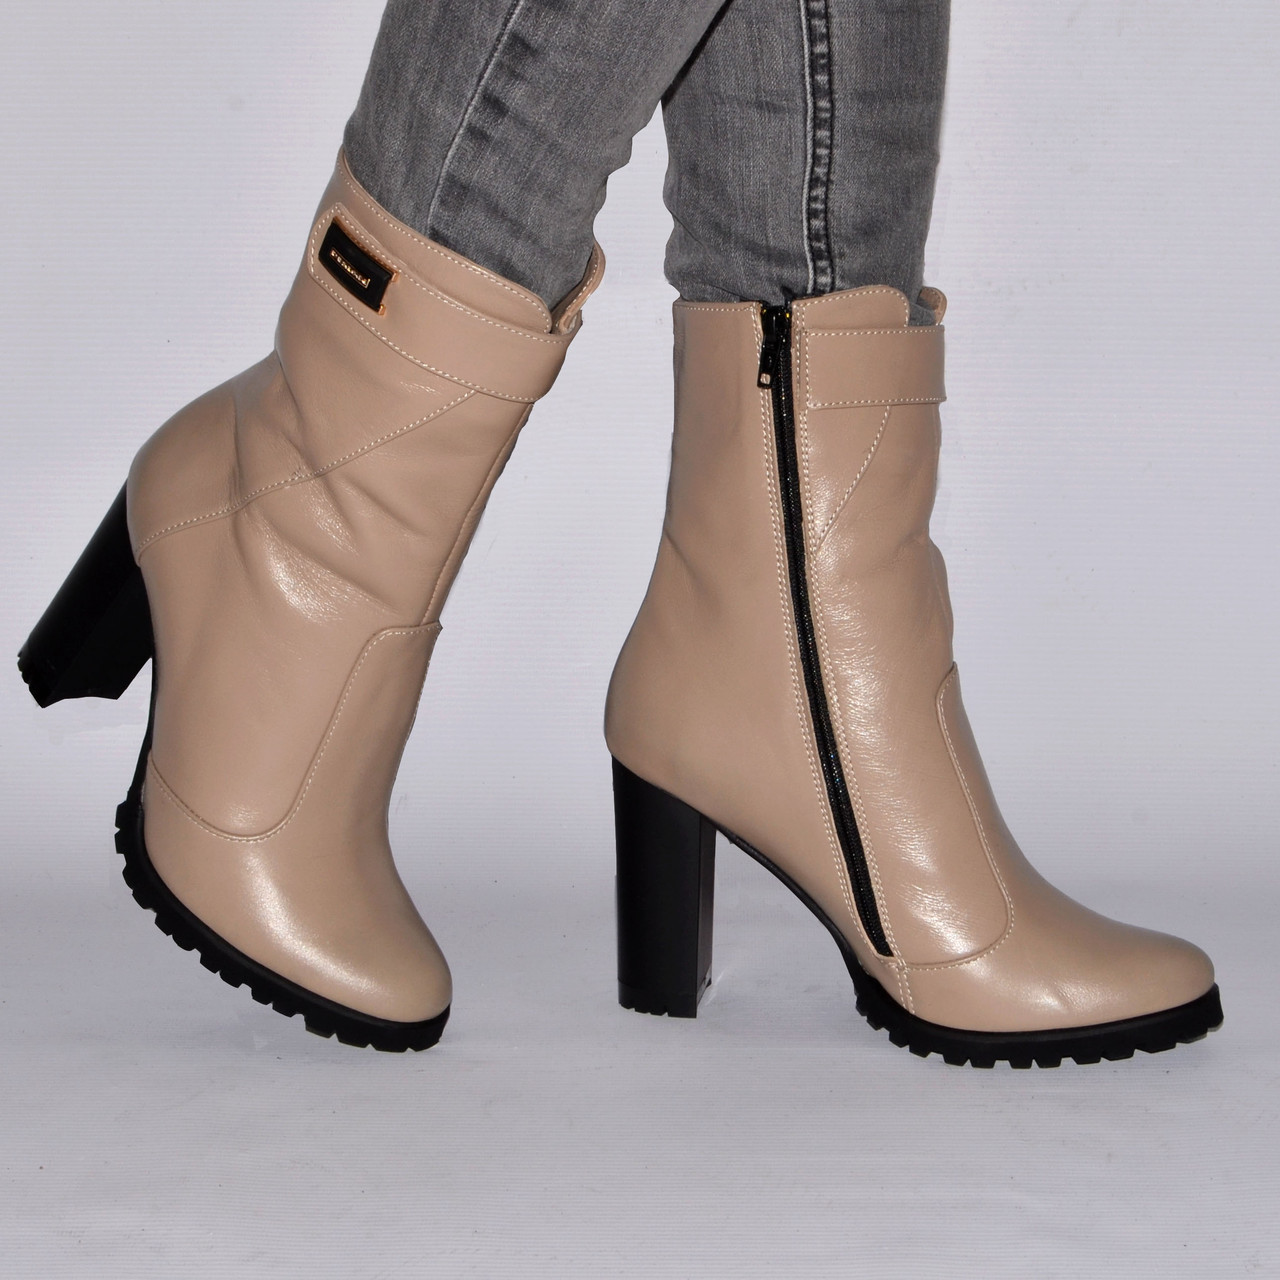 Ботинки на каблуке,из натуральной кожи, замша, лака, на молнии. Восемь цветов! Размеры 36-41 модель S2901